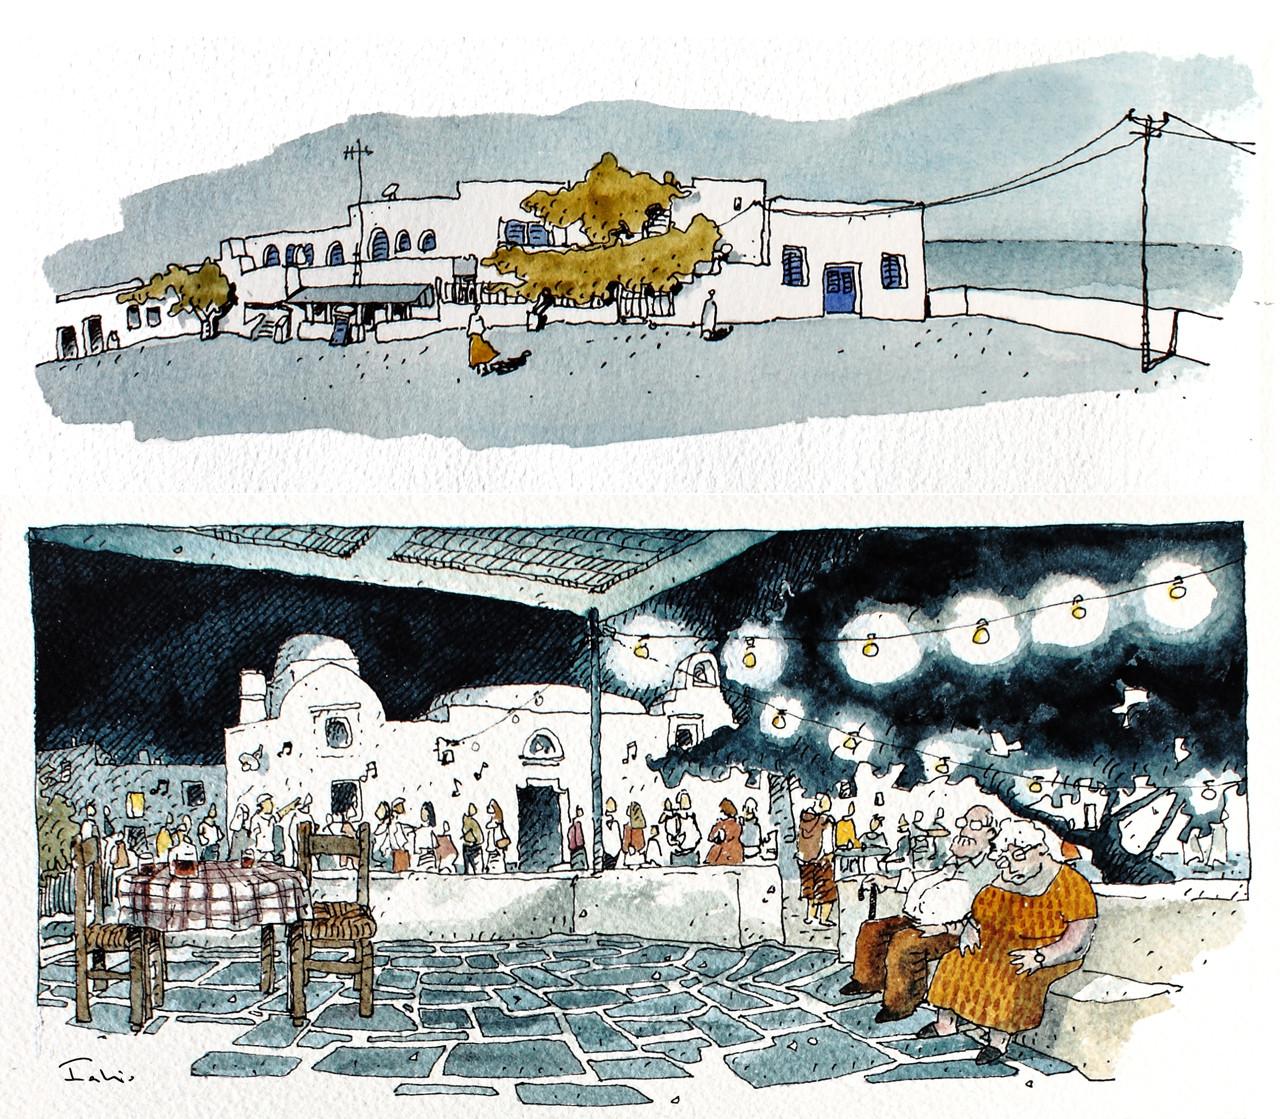 Arte y Arquitectura: Il Senso delle Cose, Ilustraciones por Fabio Barilari